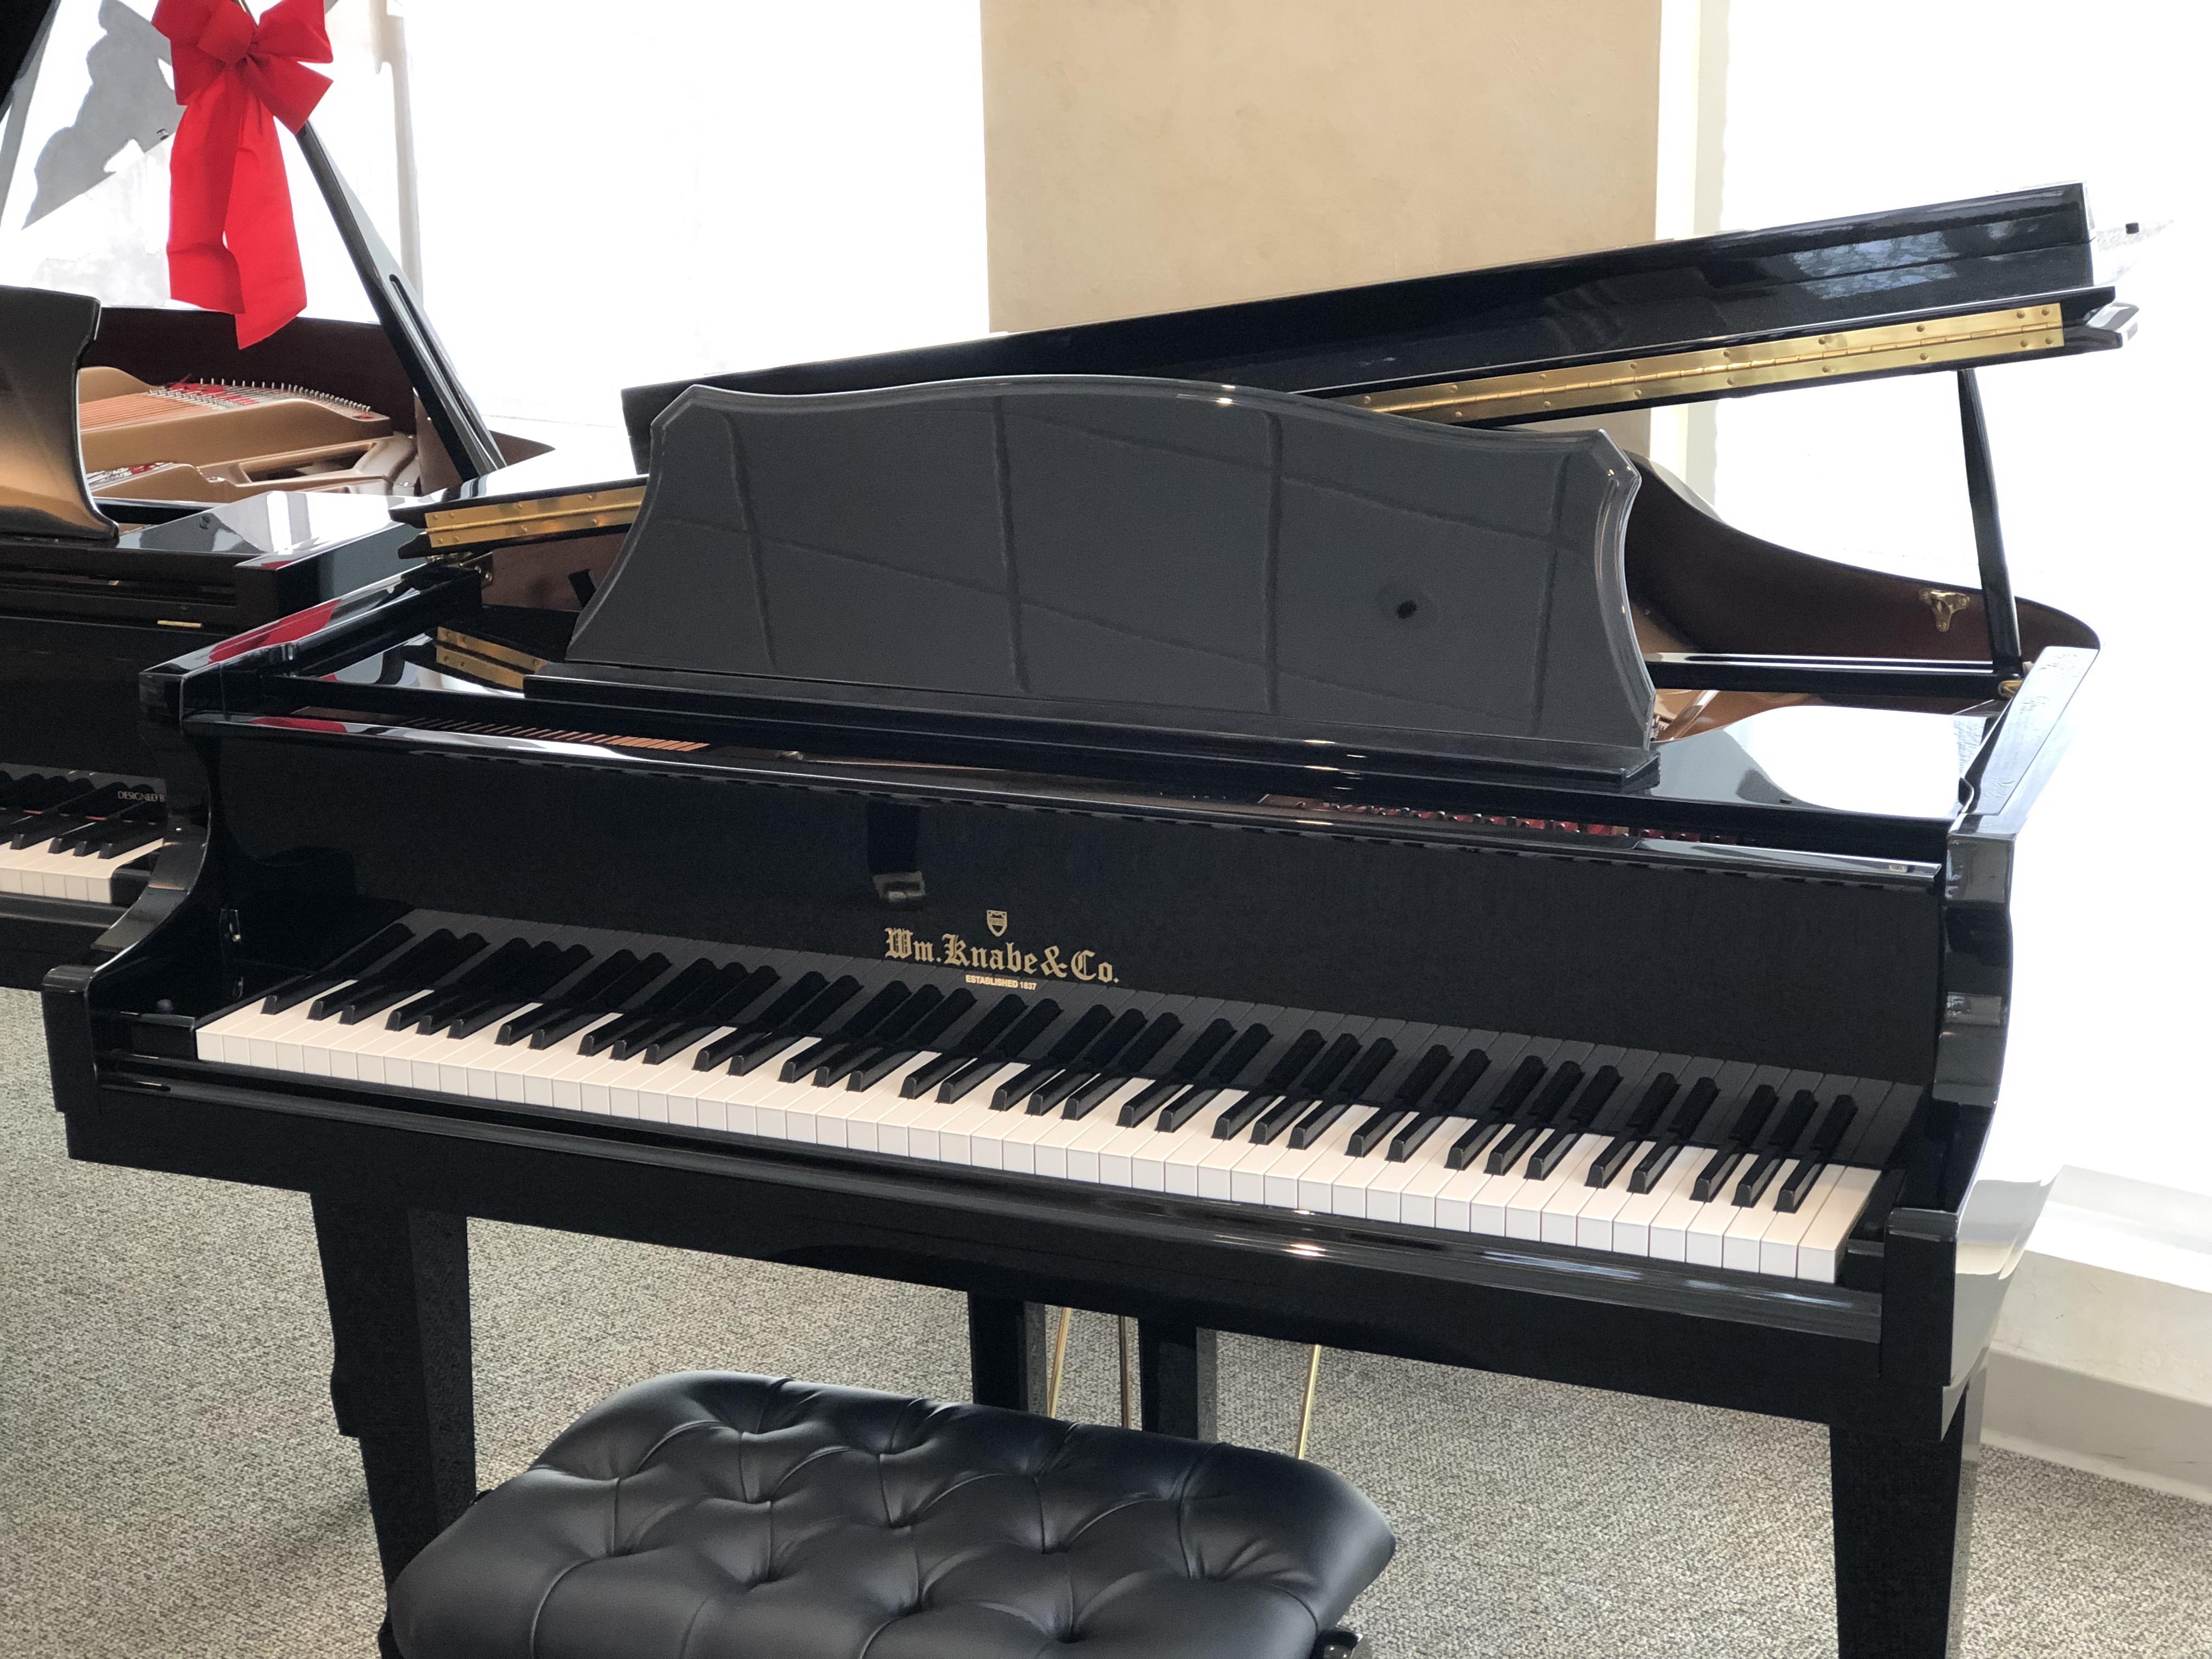 846d4caecc6b WM Knabe Baby Grand Player Piano with PianoDisc. The smallest of the baby  grand pianos